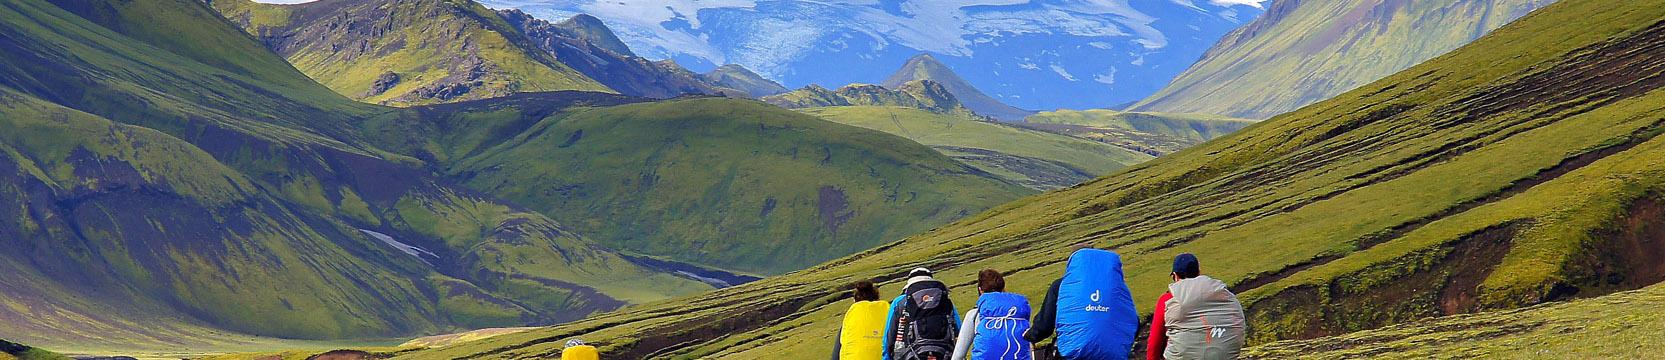 Viaje de aventura a Islandia en verano